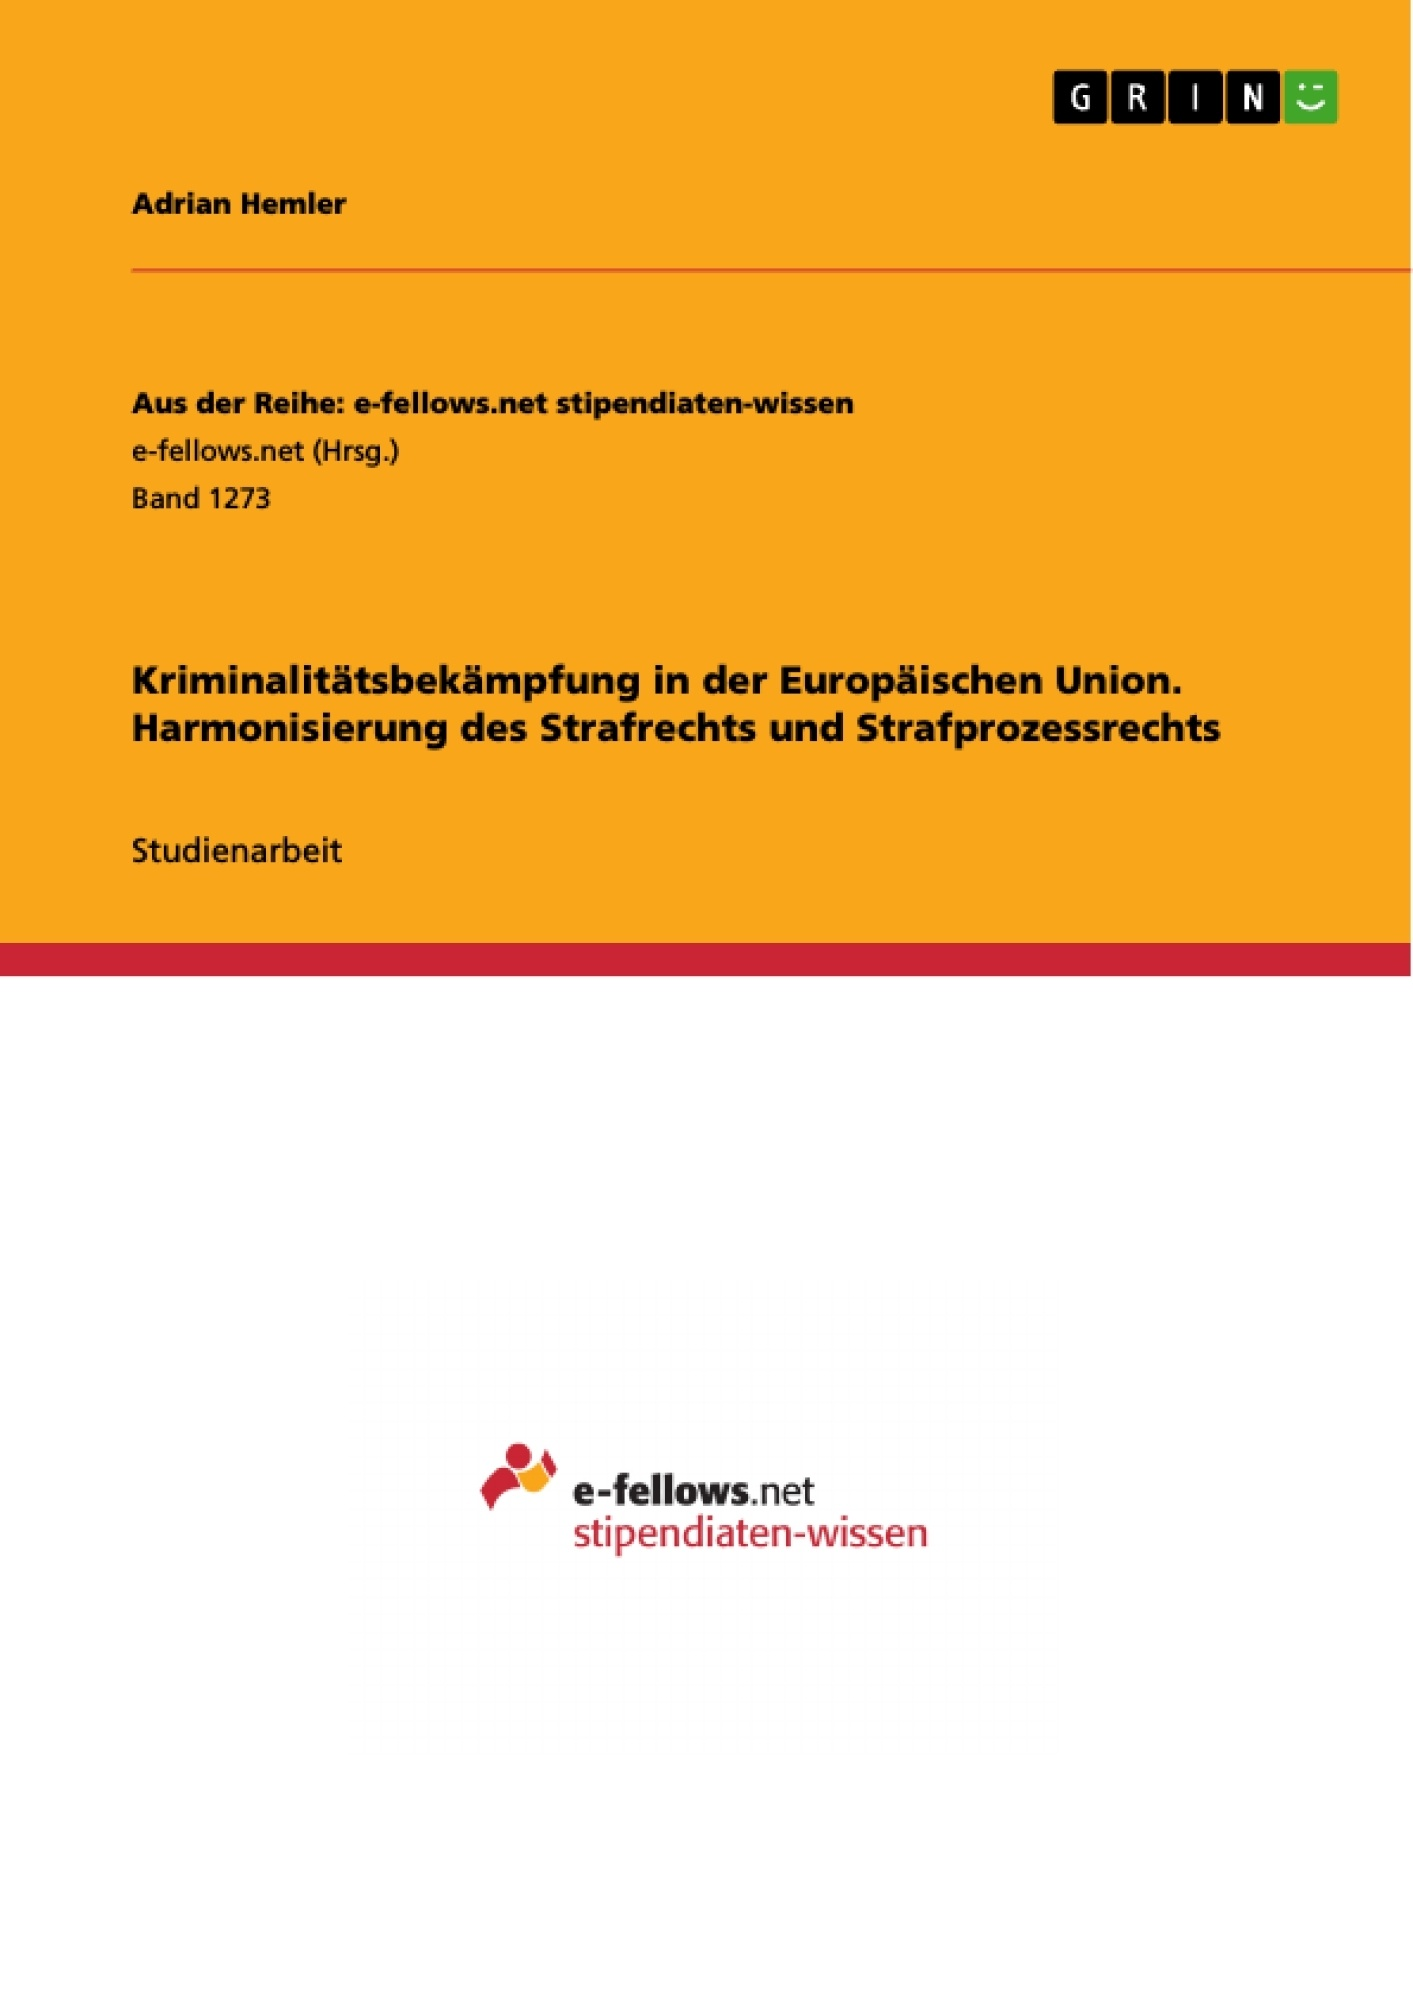 Titel: Kriminalitätsbekämpfung in der Europäischen Union. Harmonisierung des Strafrechts und Strafprozessrechts